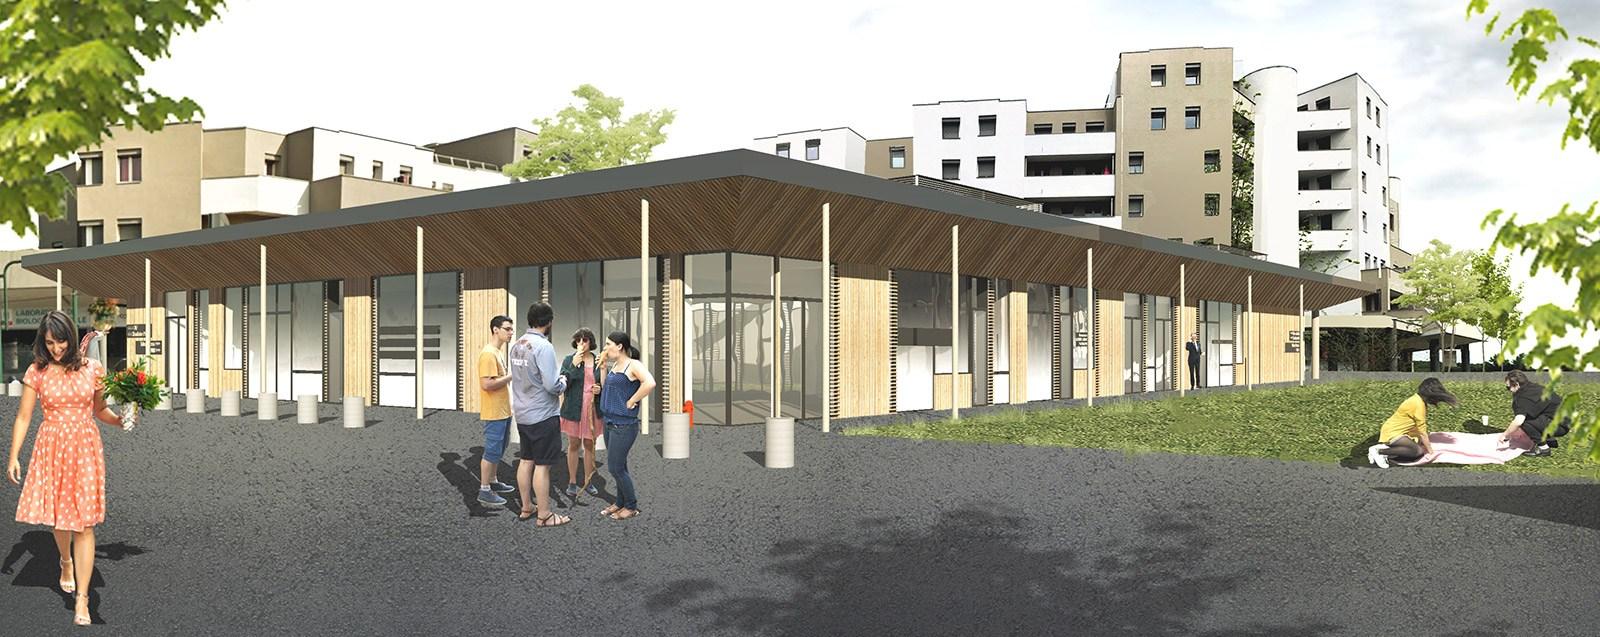 Villefontaine – Grand projet de centre-ville - Le Patio